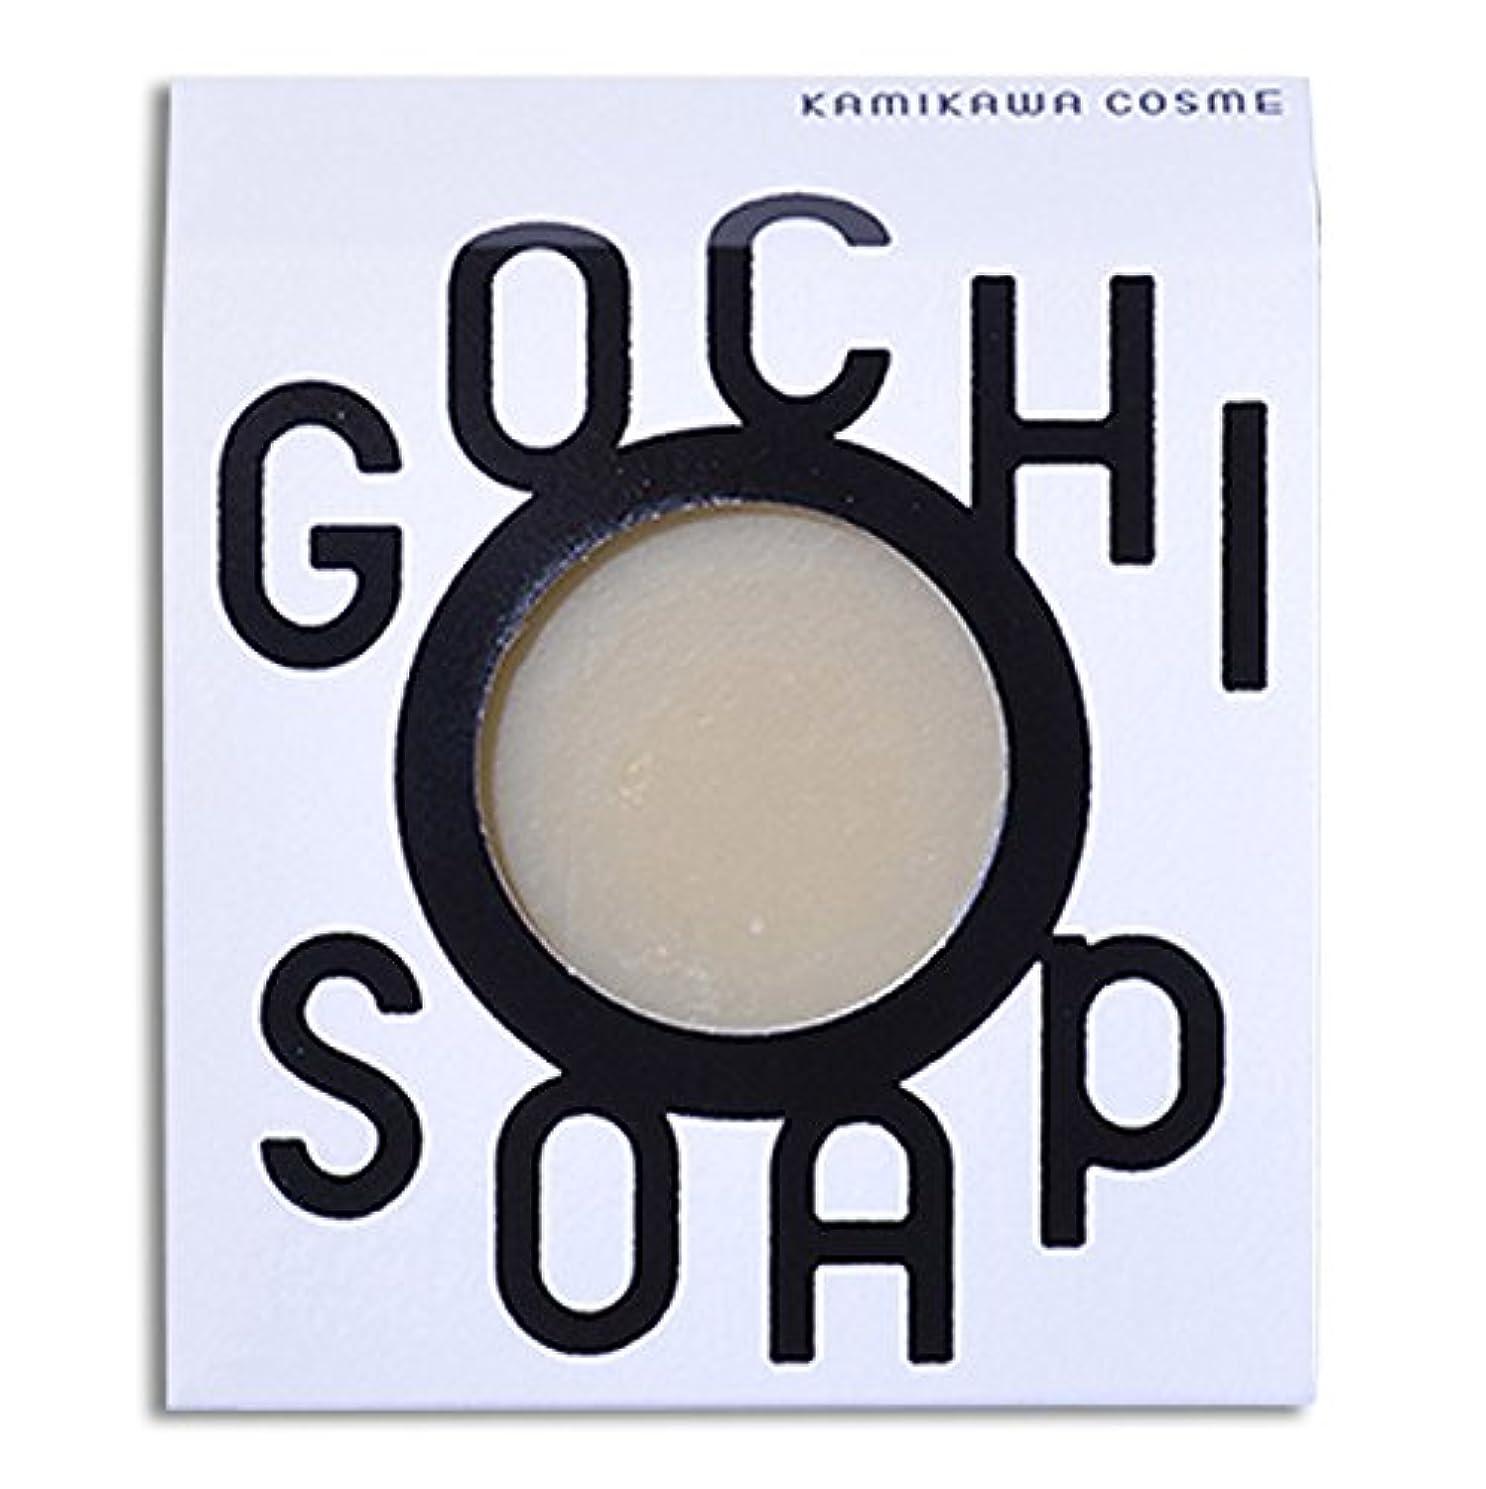 大事にする輪郭絶えず道北の素材を使用したコスメブランド GOCHI SOAP(伊勢ファームの牛乳ソープ?平田こうじ店の米糀ソープ)各1個セット